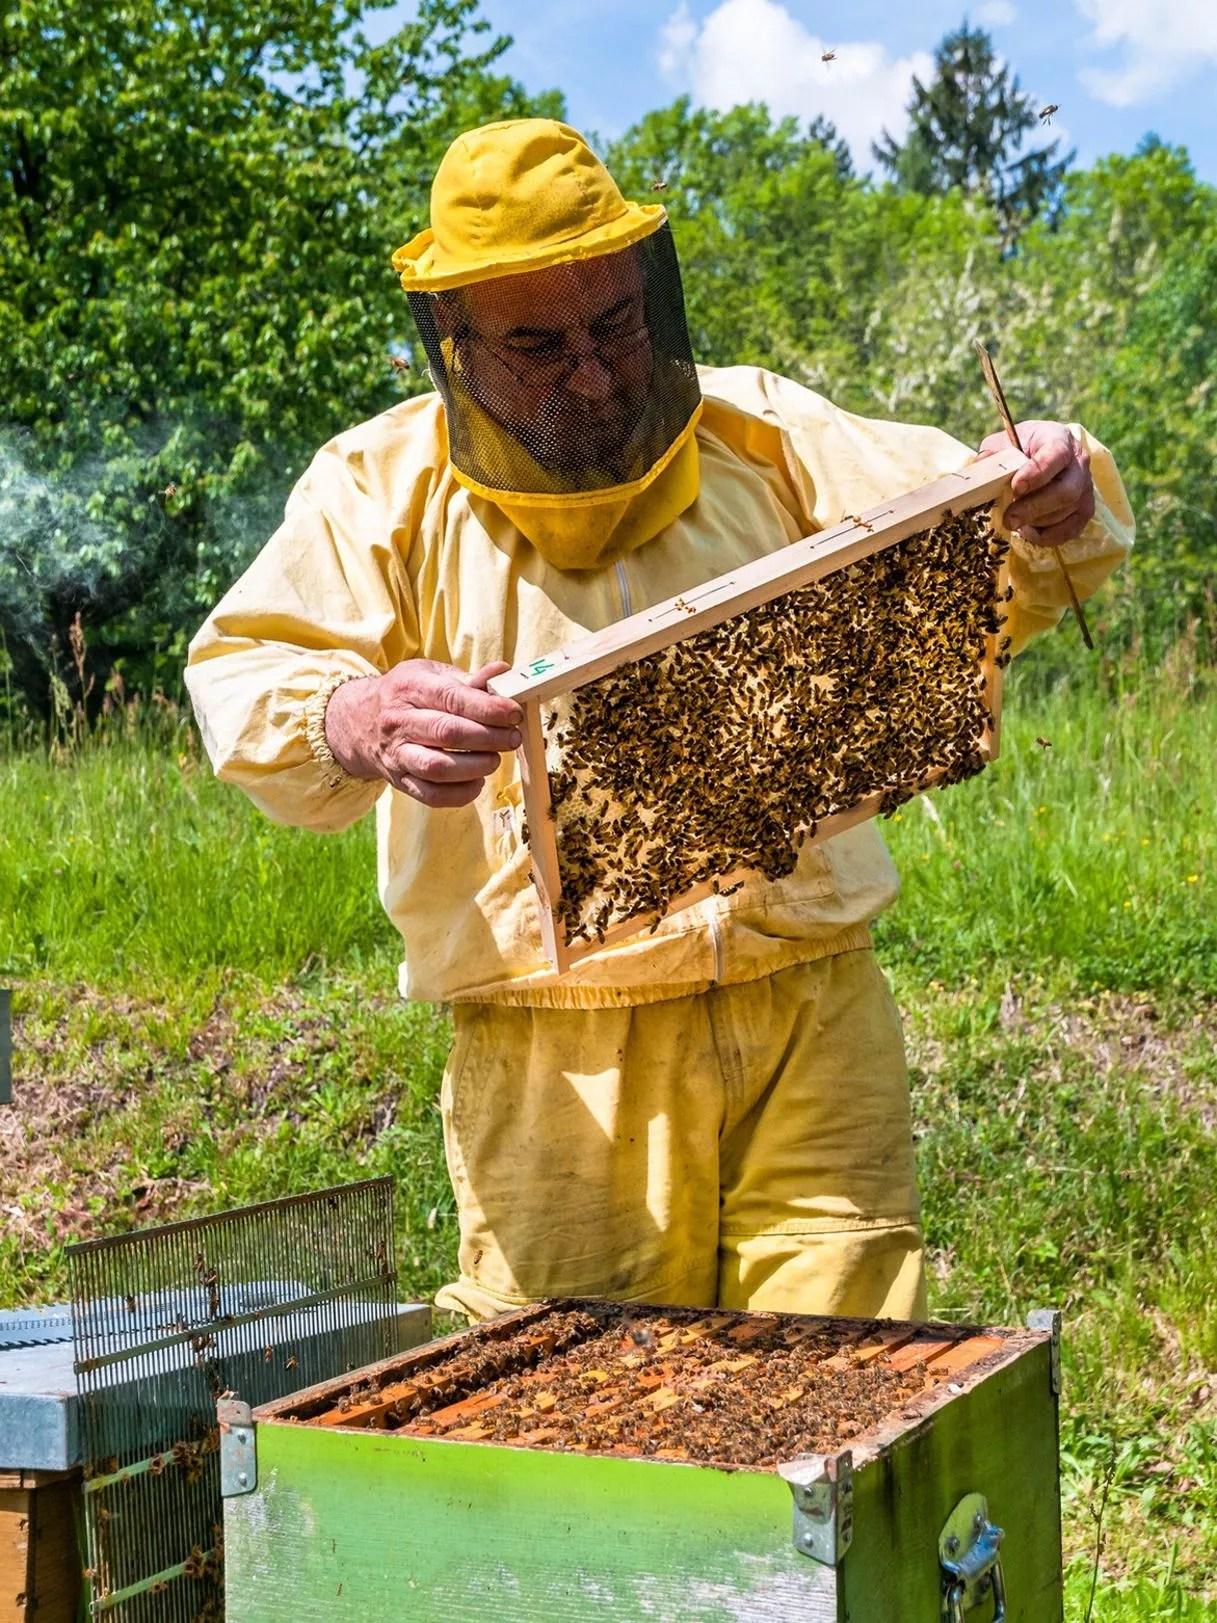 Installer Une Ruche Dans Son Jardin : installer, ruche, jardin, Installait, Ruche, Jardin